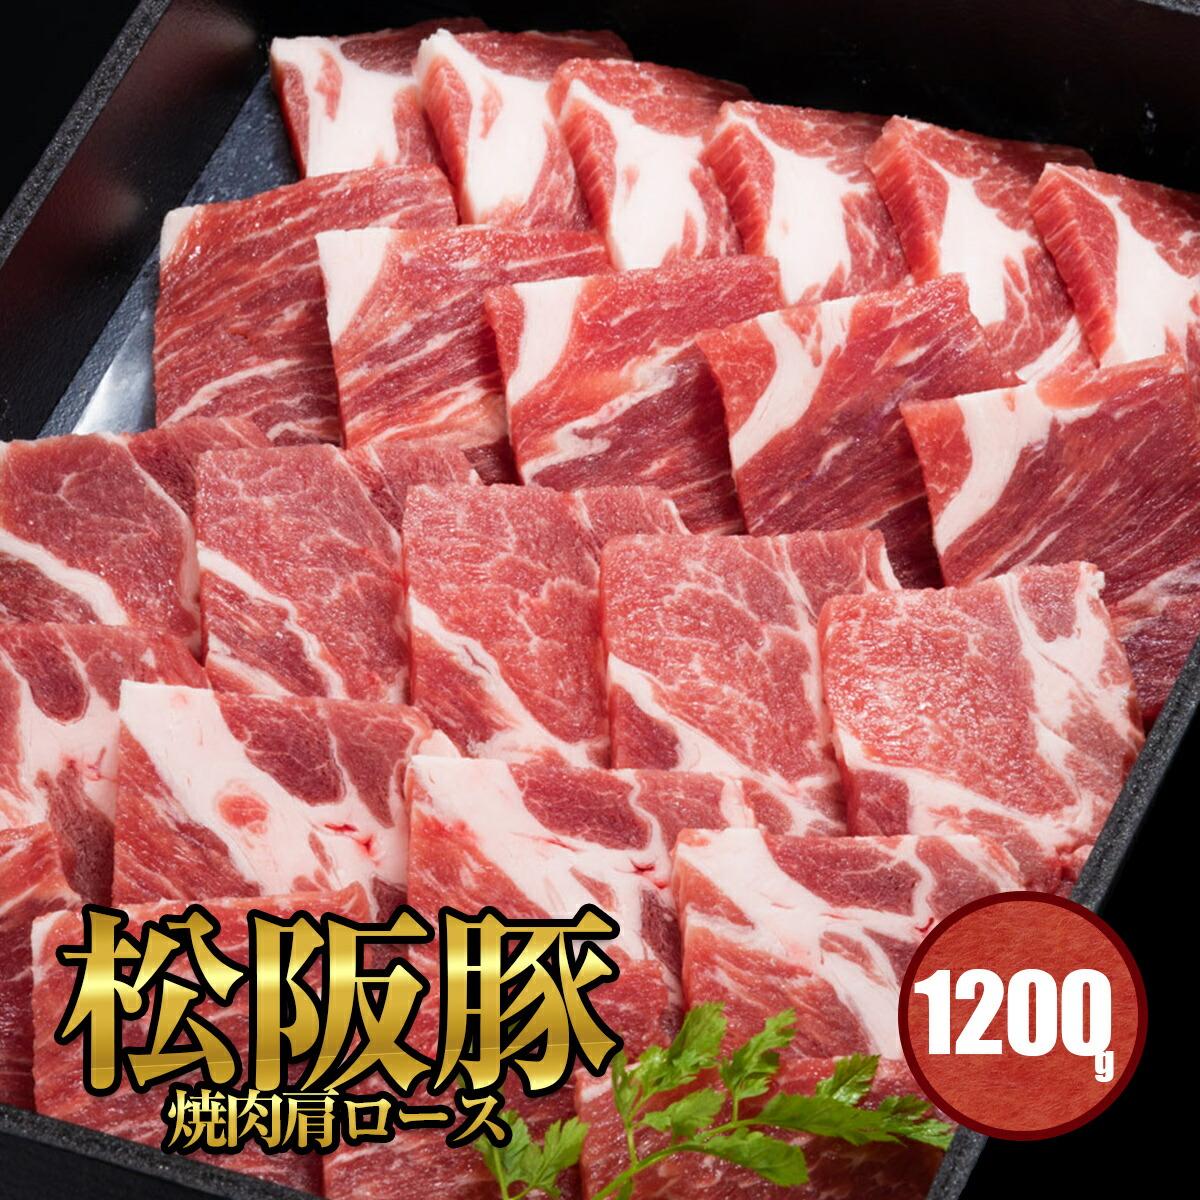 焼肉用 松阪豚 肩ロース 1200g